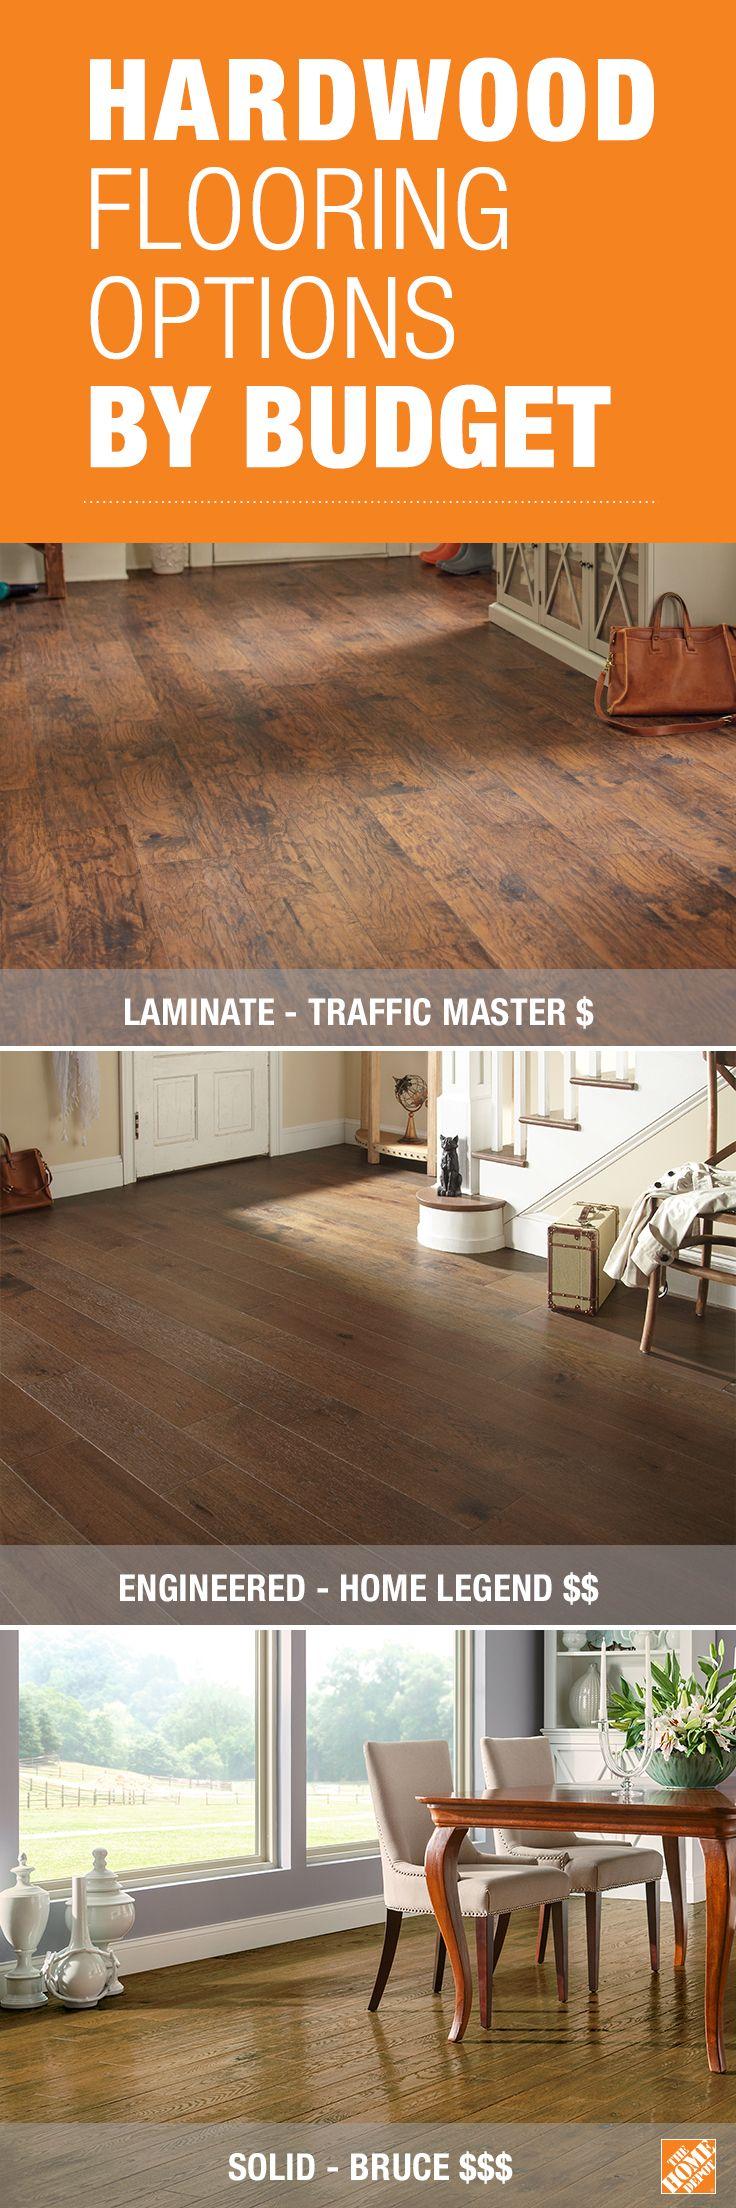 Hardwood Flooring Hard Wood Floors Wood Flooring Home Home Remodeling New Homes